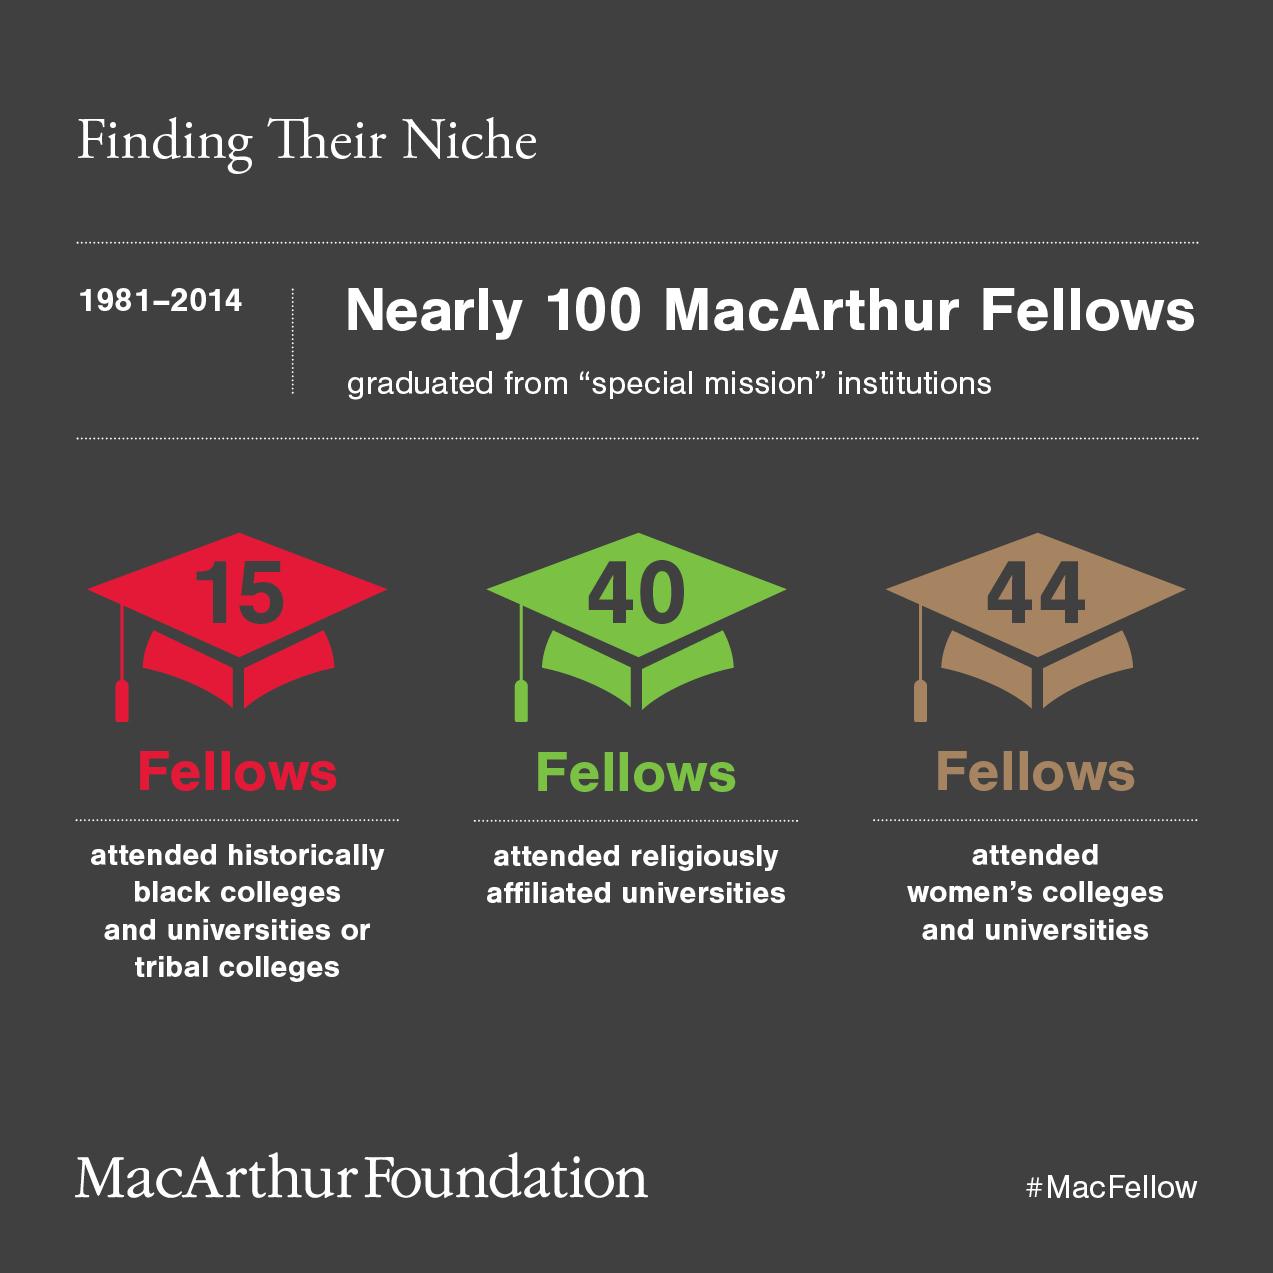 2015-05-27-1432761673-4718609-MacFellows_FindingTheirNiche.jpg